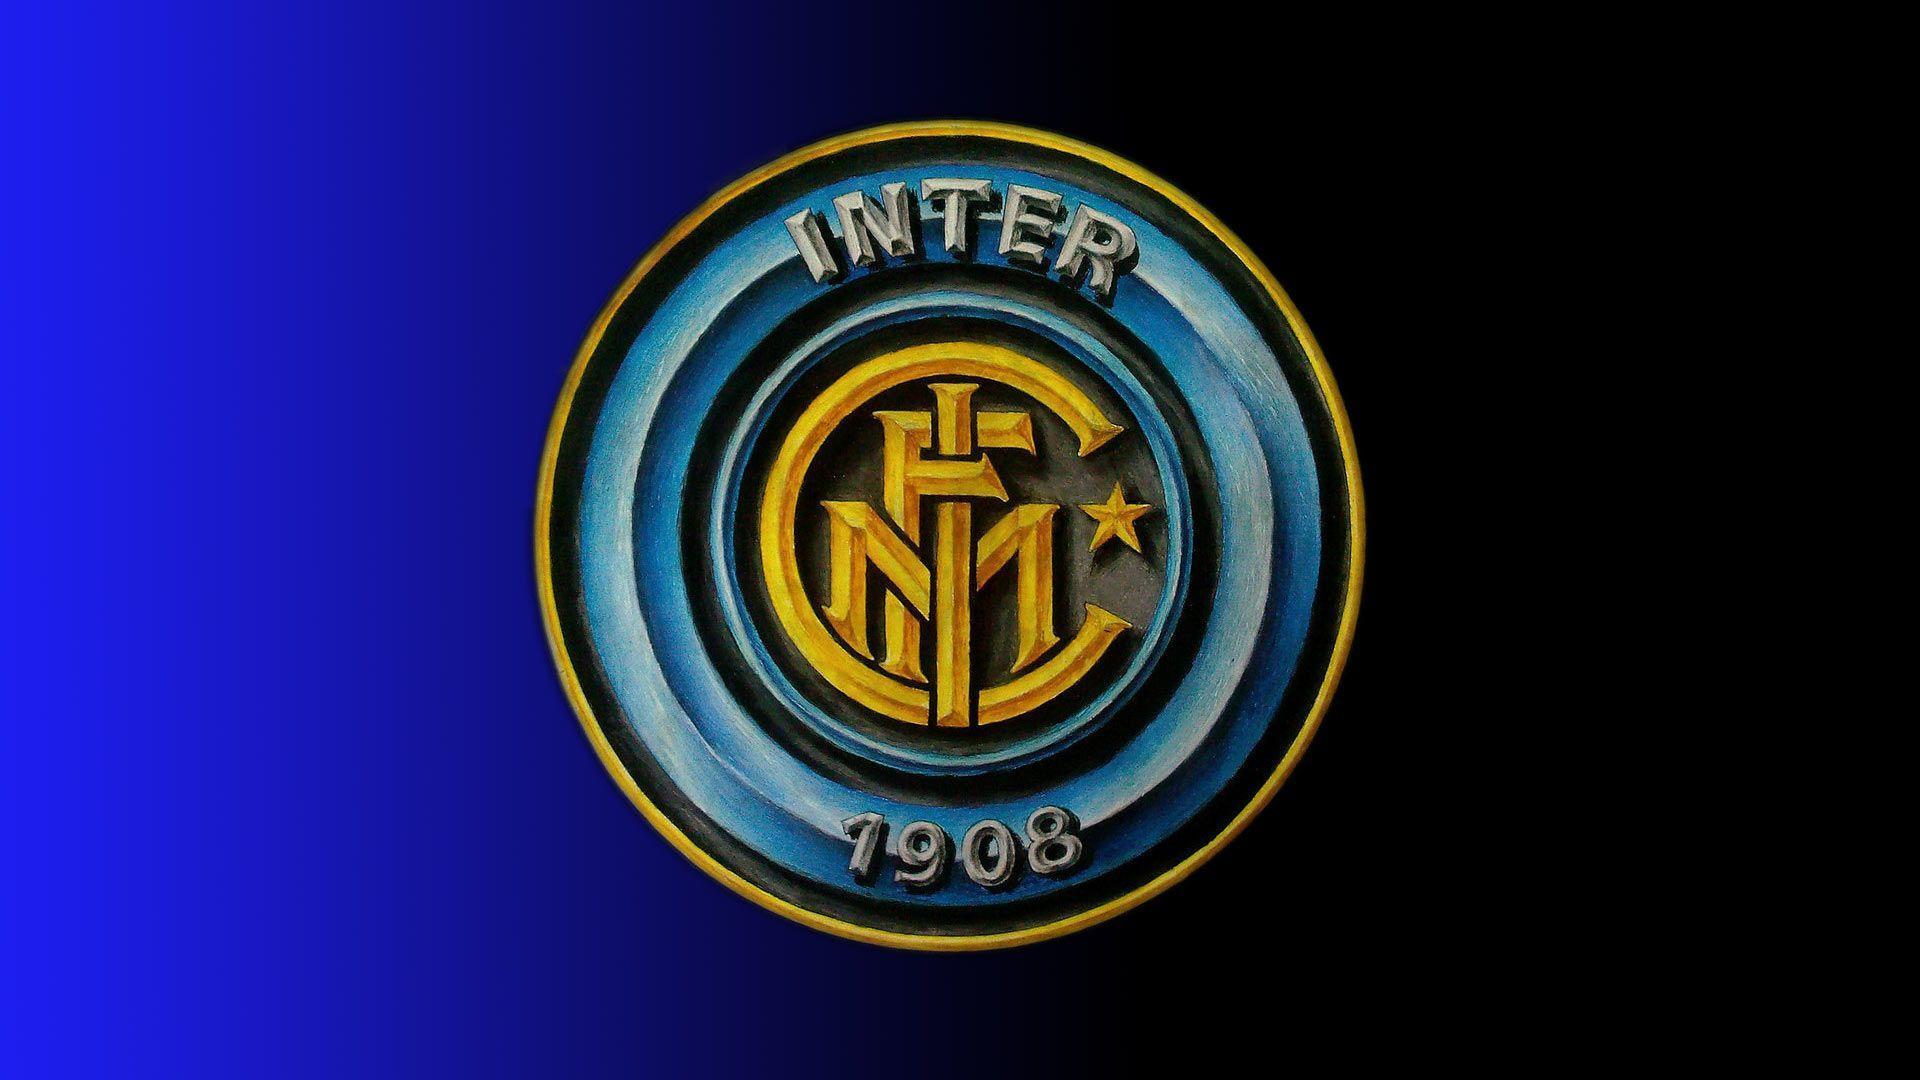 Inter Milan Background 8